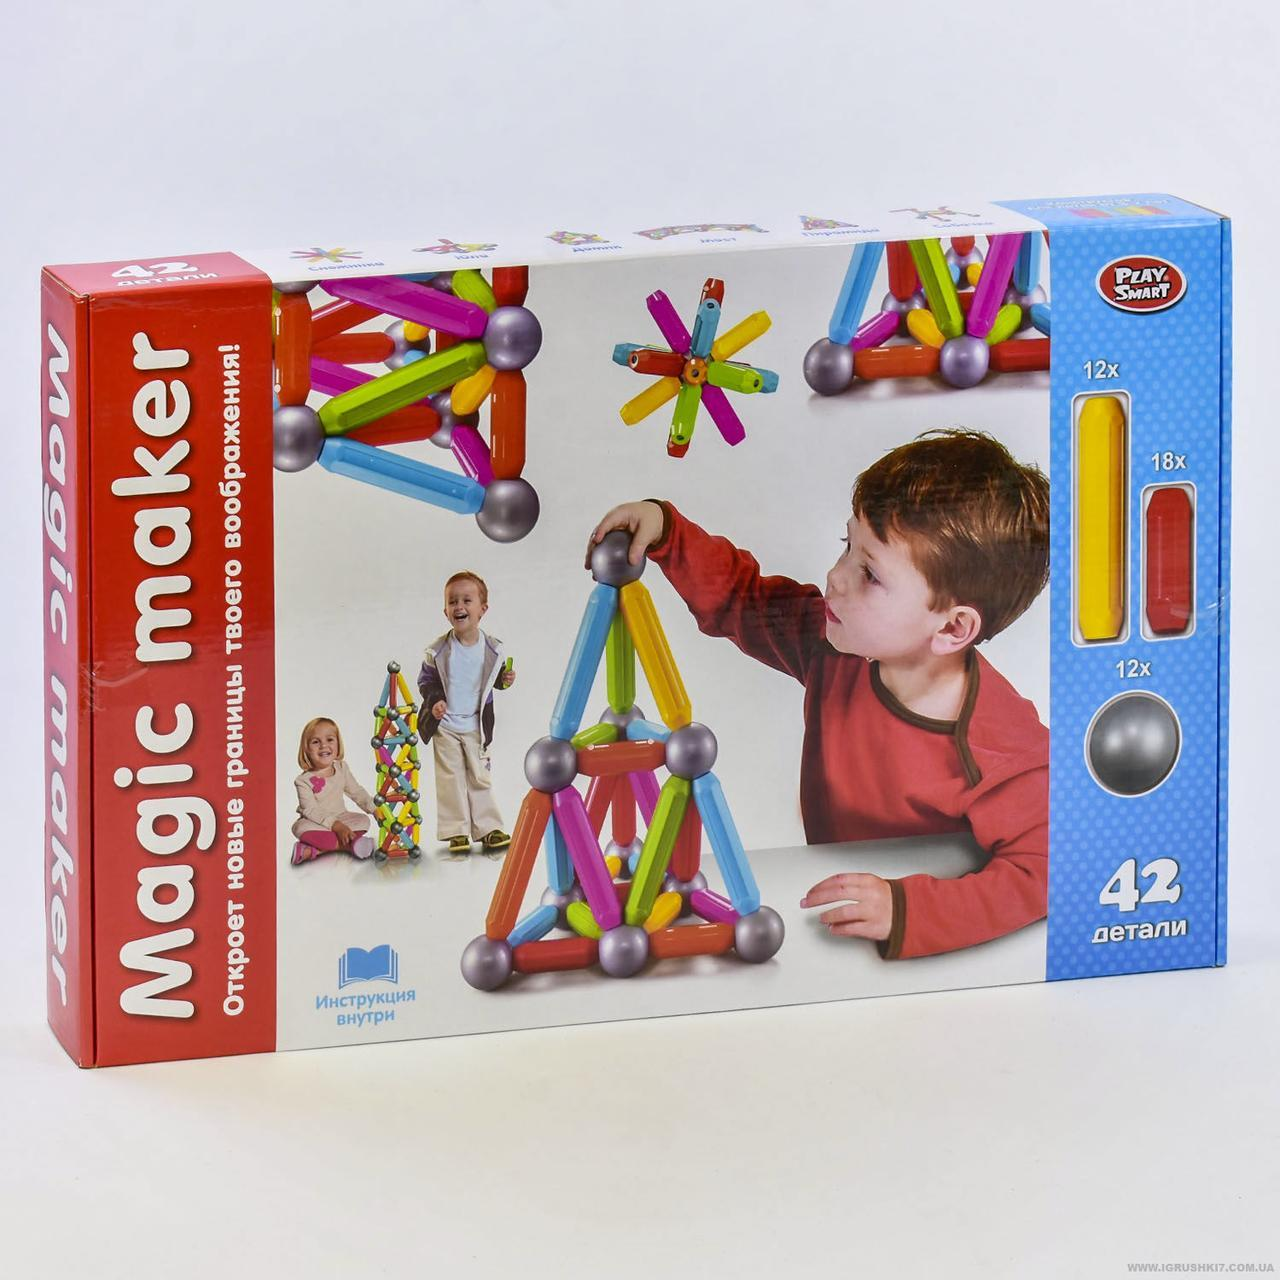 Конструктор Play Smart 2444 -  магнитный (42 дет.)